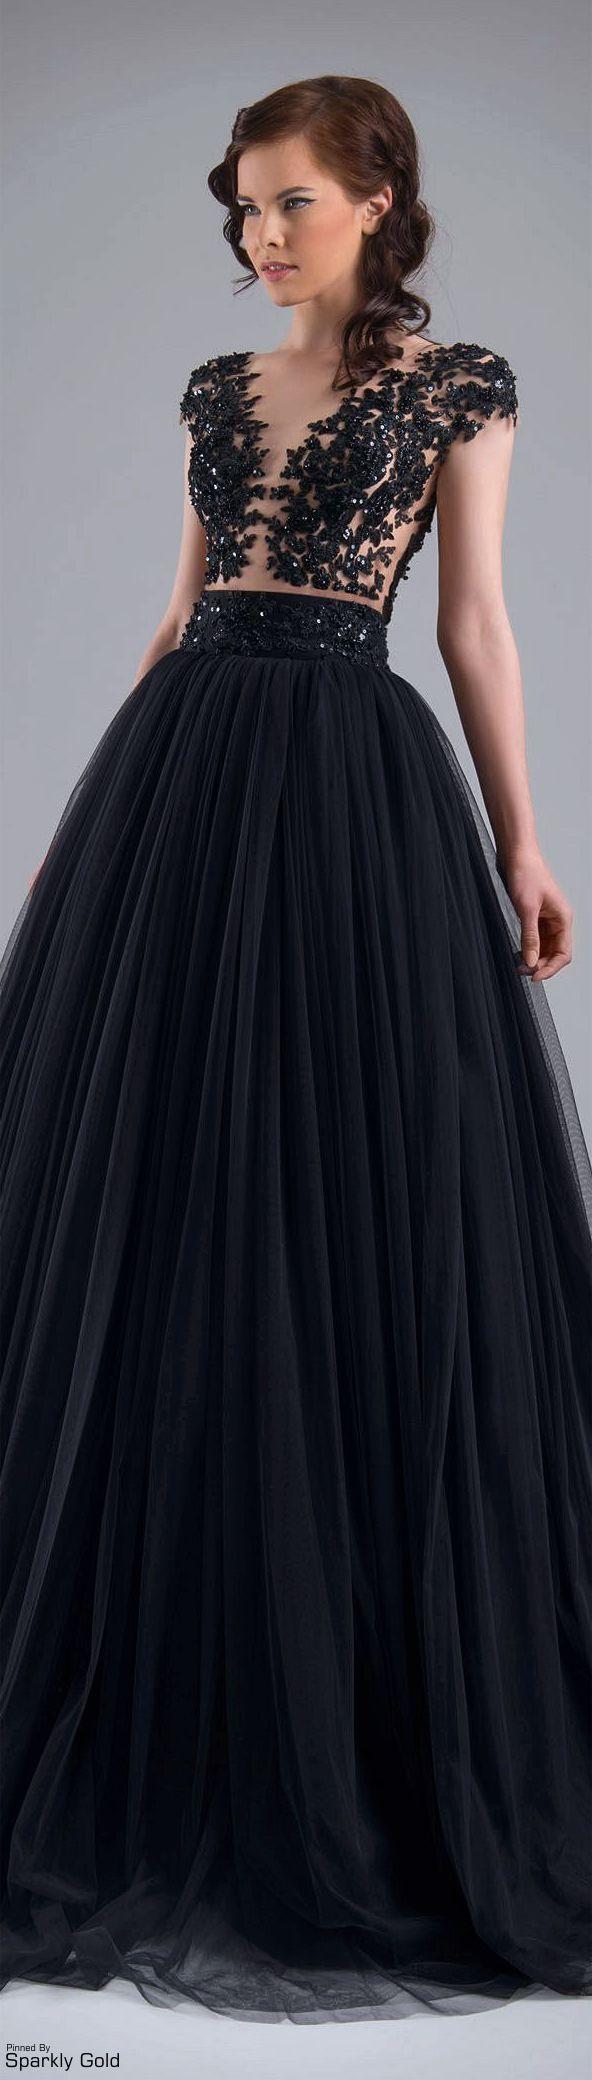 Chrystelle atallah ss moda pinterest long evening gowns